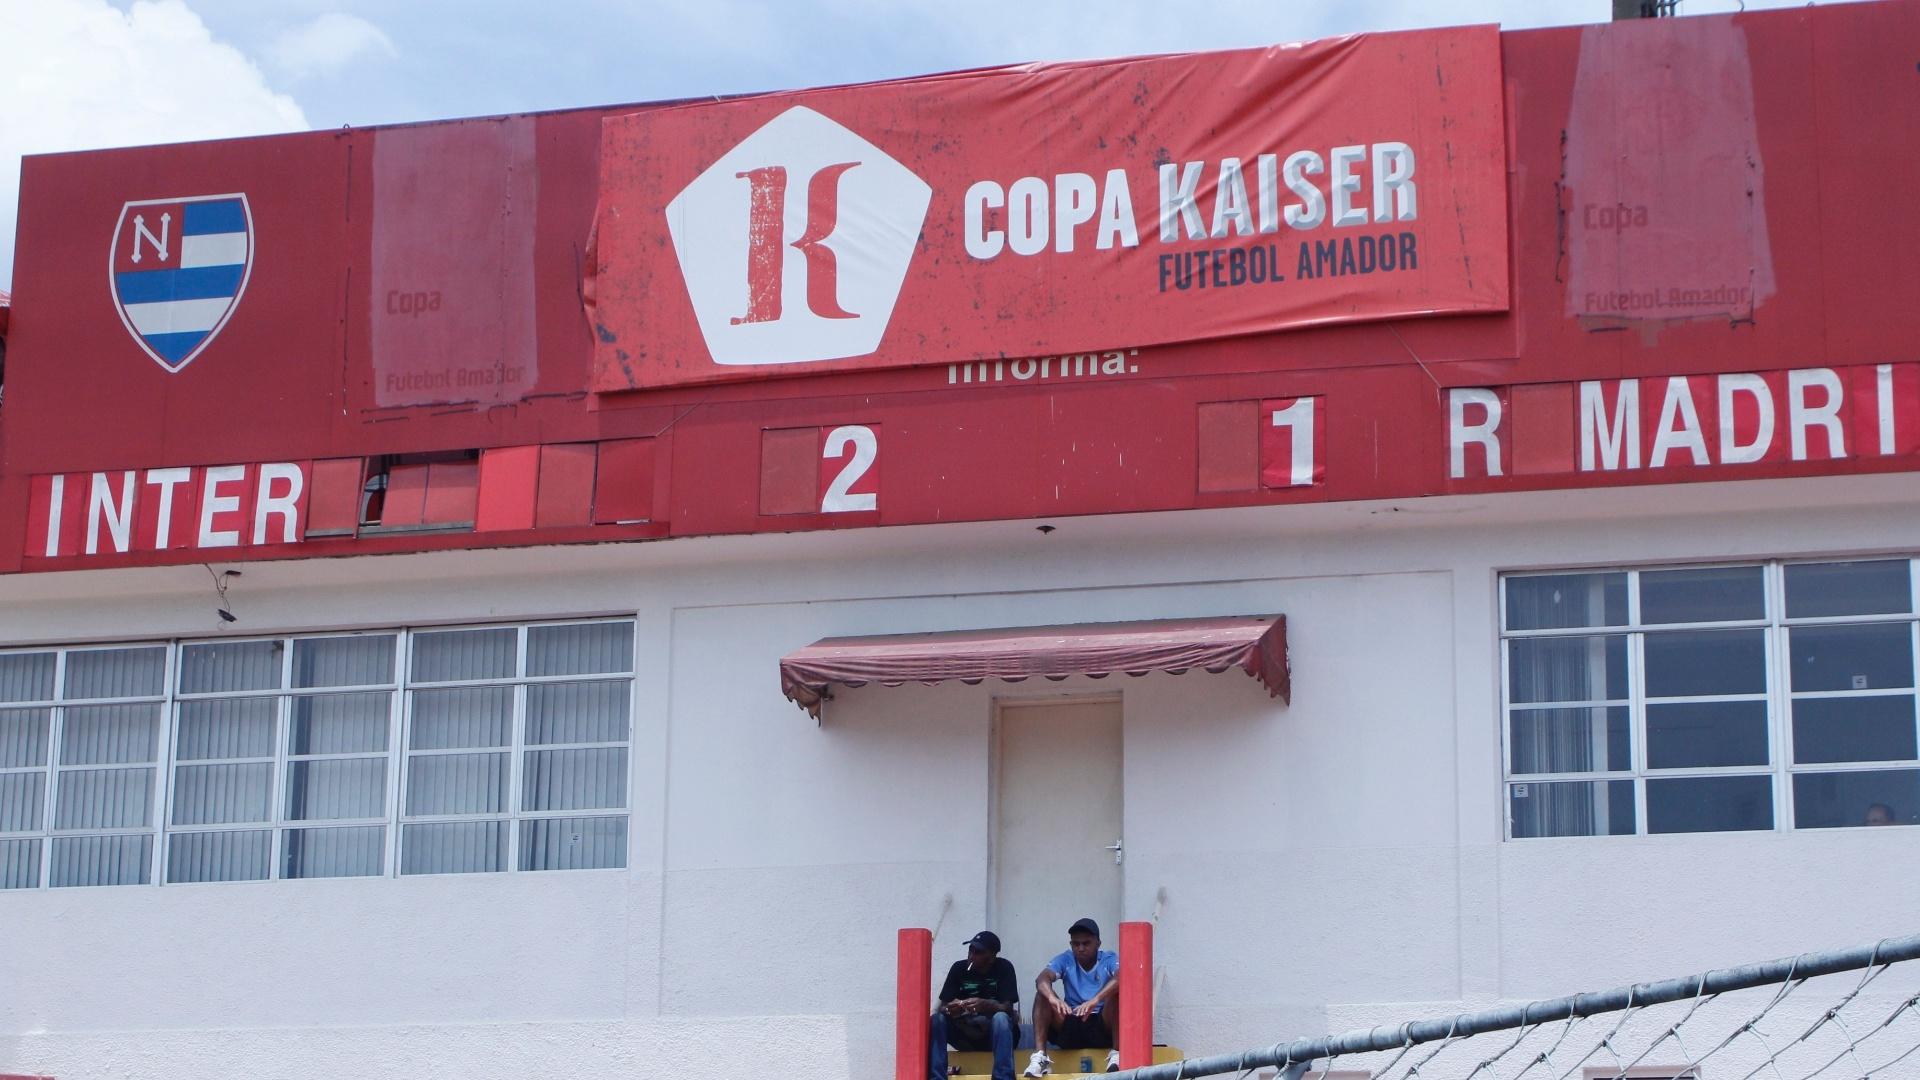 Placar de Internacional e Real Madri, pela semifinal da série B da Copa Kaiser, o Inter (de vermelho) venceu o Real Madri por 2 a 1 e está na final da competição